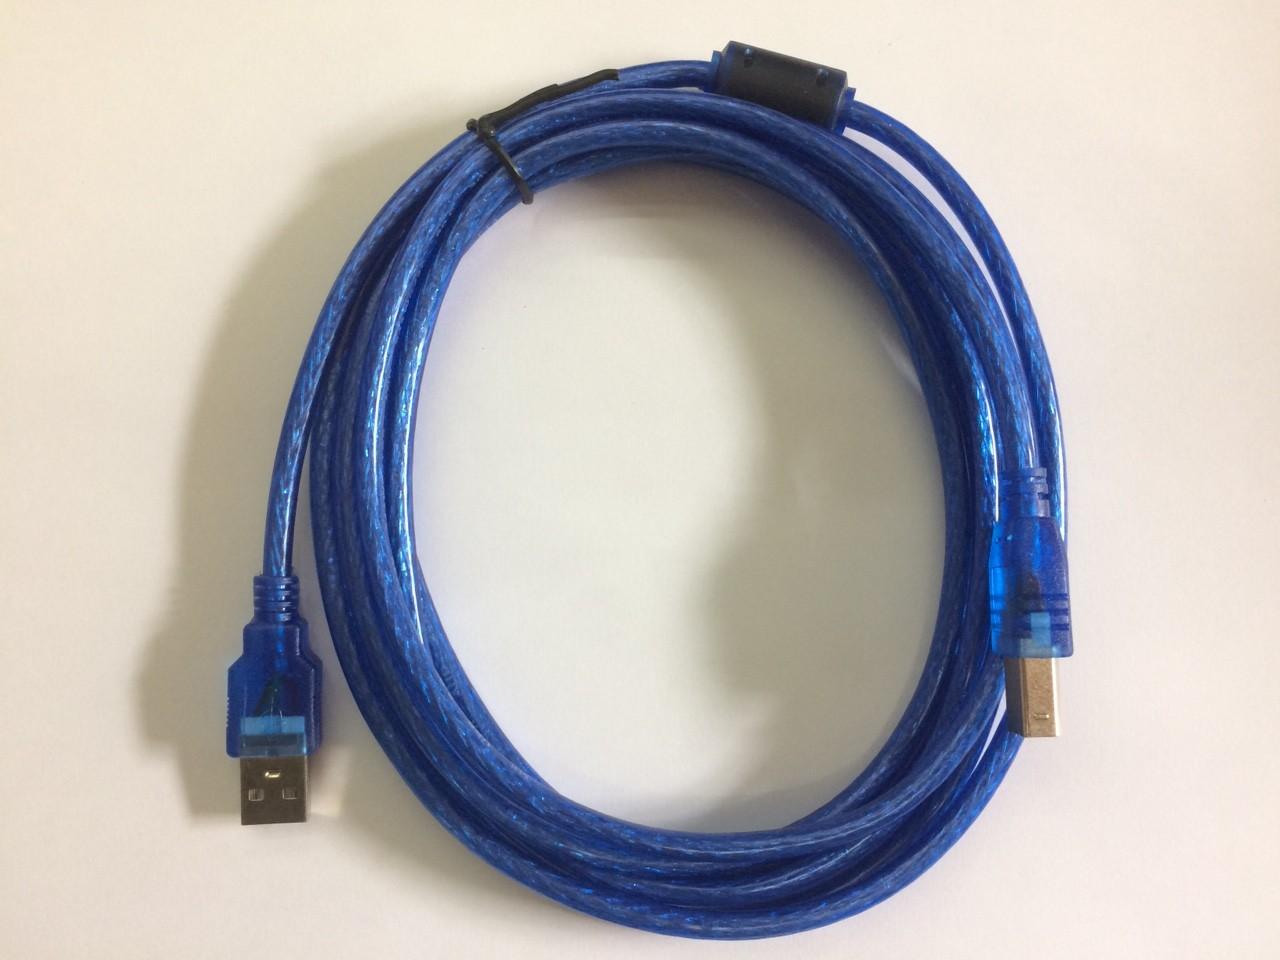 Dây cáp kết nối máy in USB dài 1.5m( xanh)